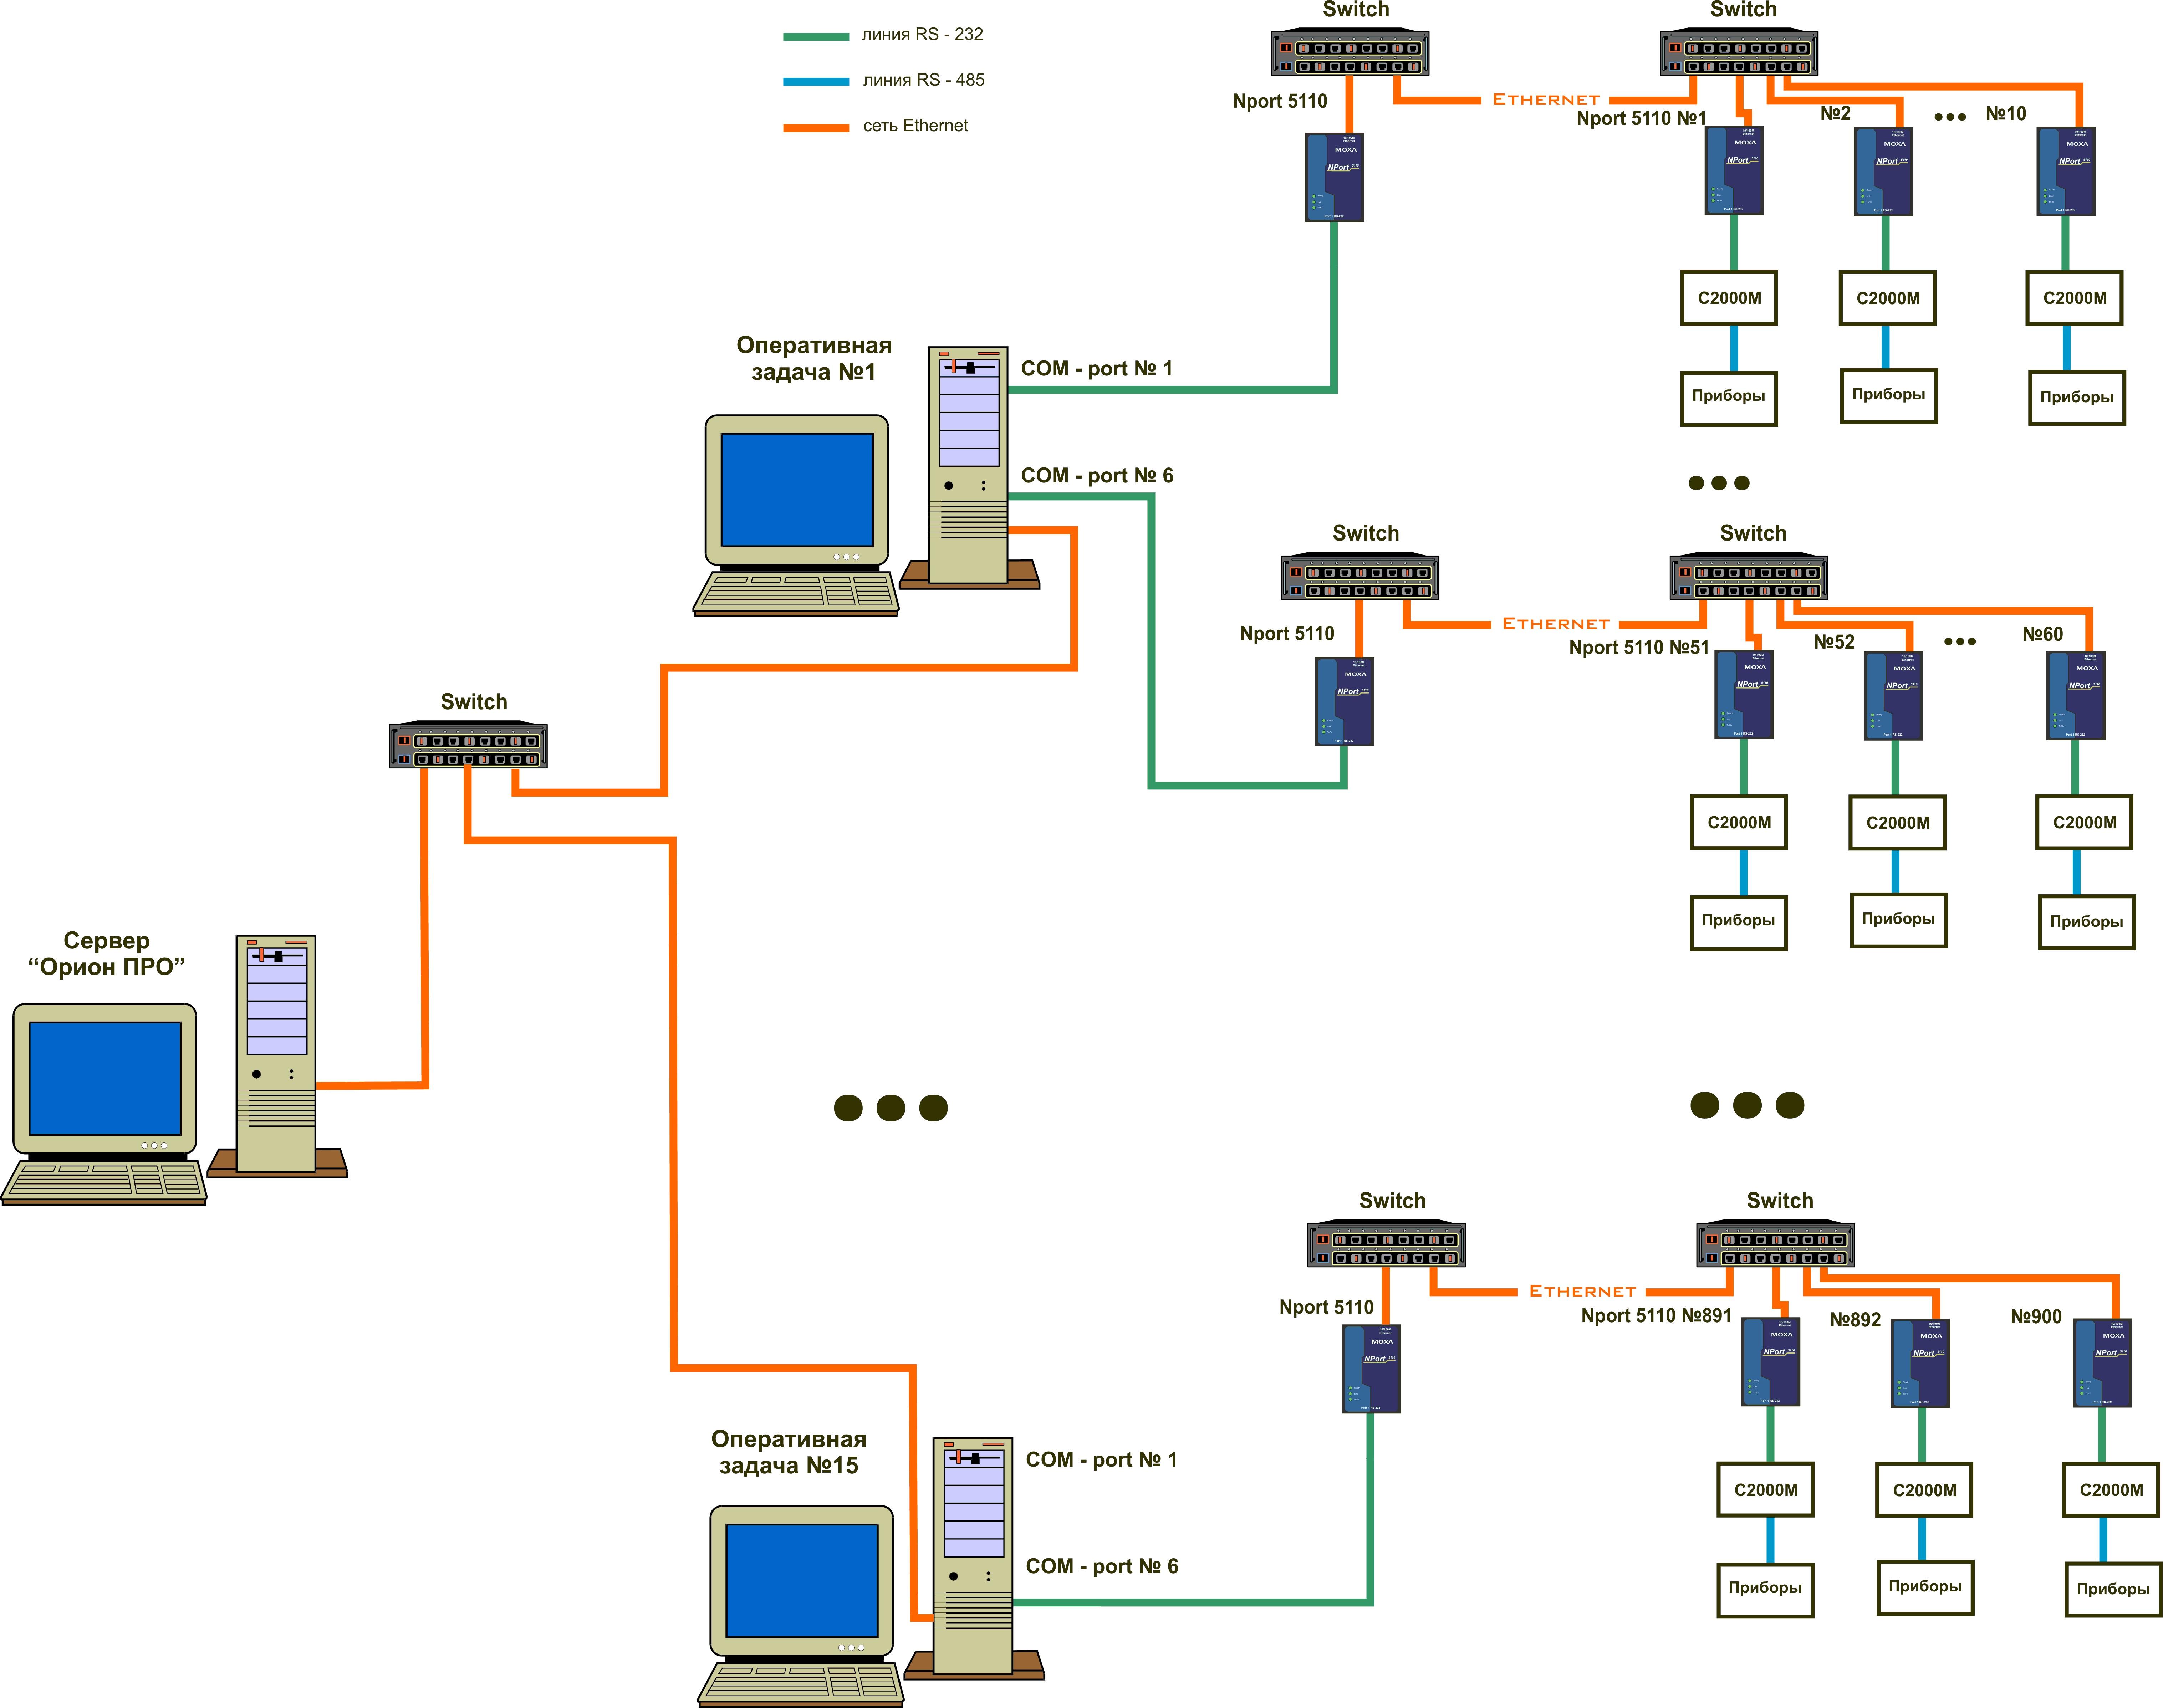 Схема подключения интерфейса 232 к компьютеру